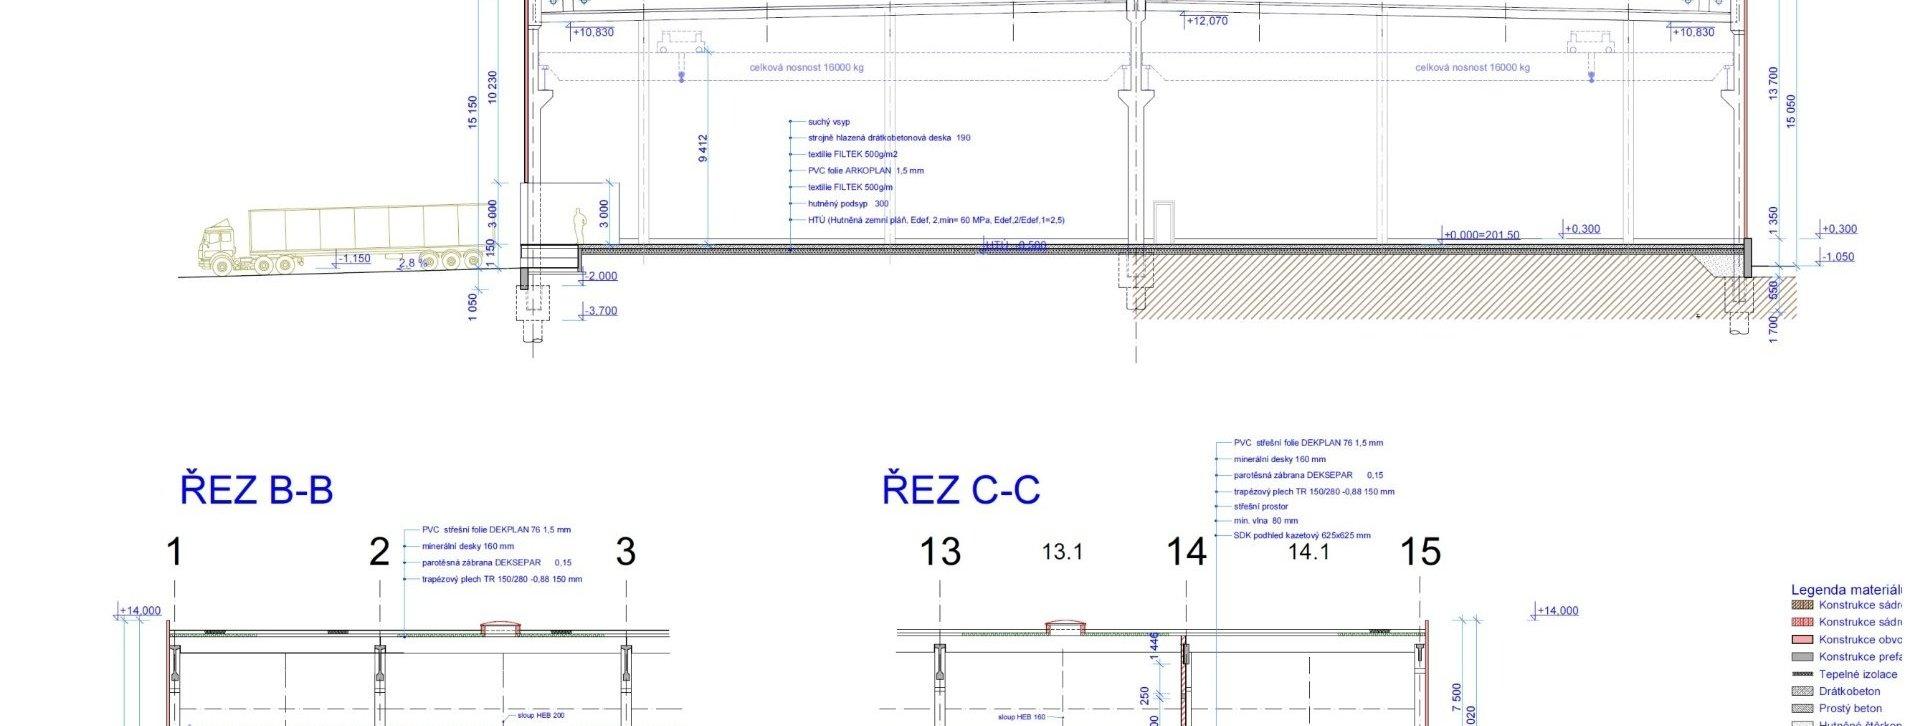 pronajem-moderni-skladove-vyrobni-prostory-3-600-10-800-m2-bilina-bilina-10800m2-rez-126659